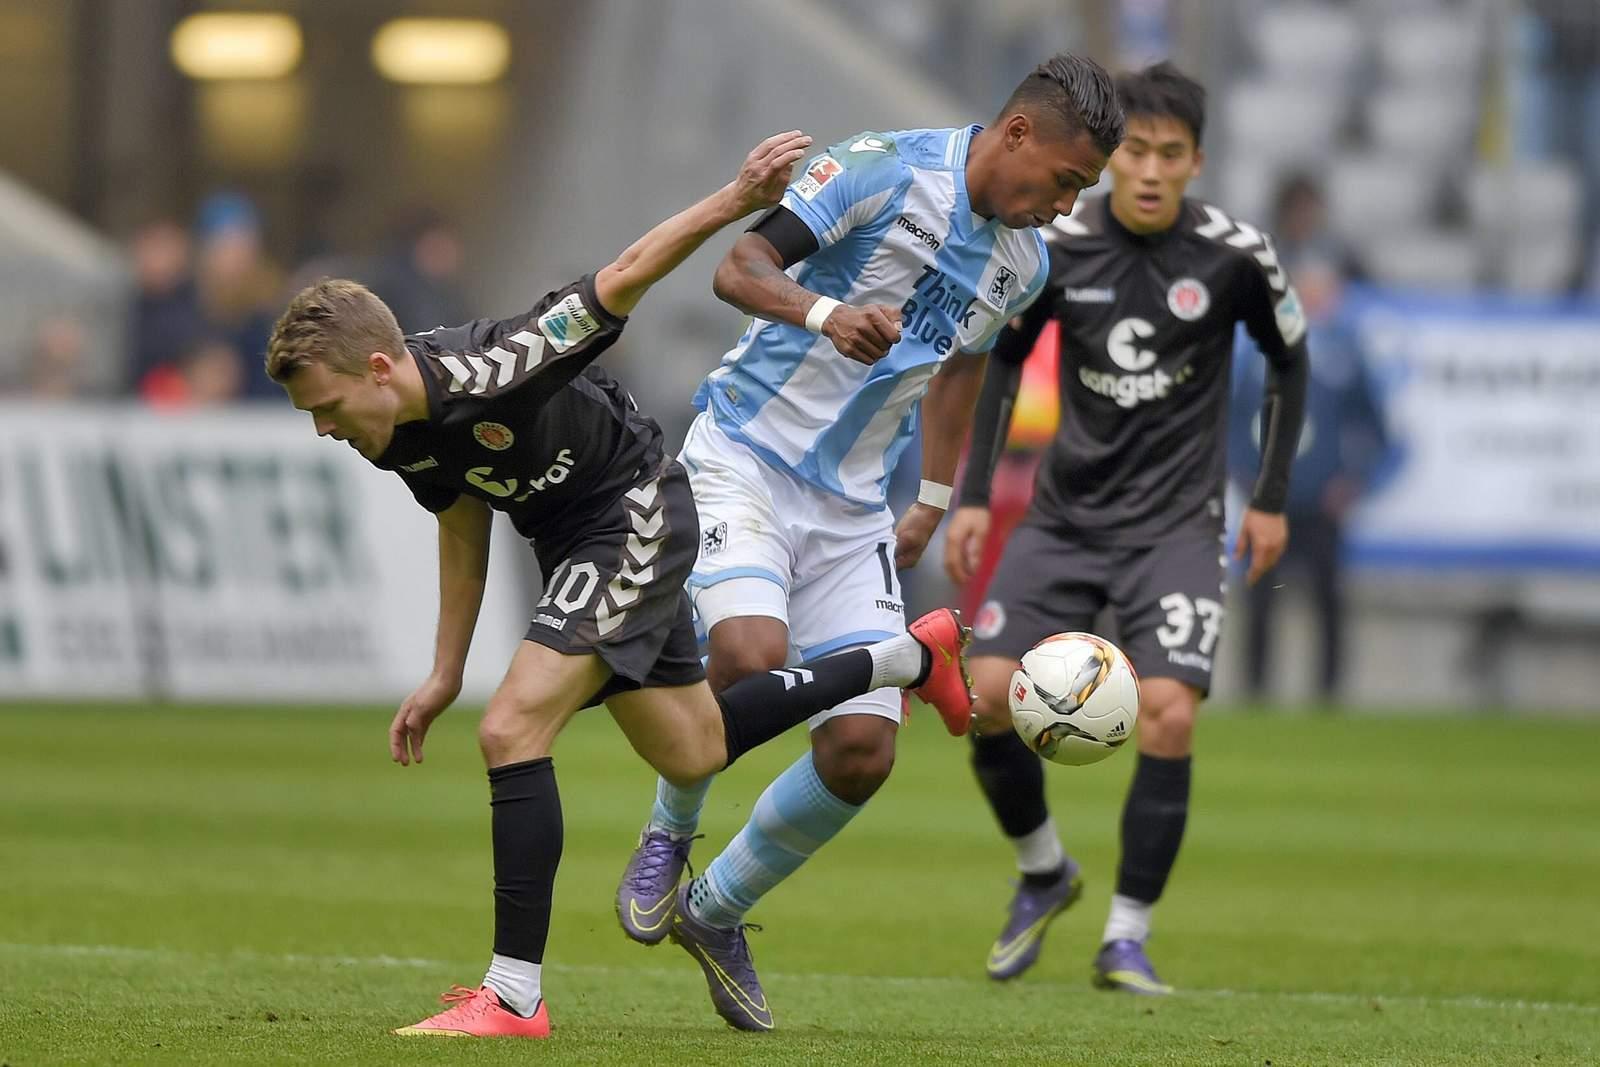 Setzt sich Okotie gegen Buchtmann durch? Unser Tipp: St. Pauli gewinnt gegen 1860 München